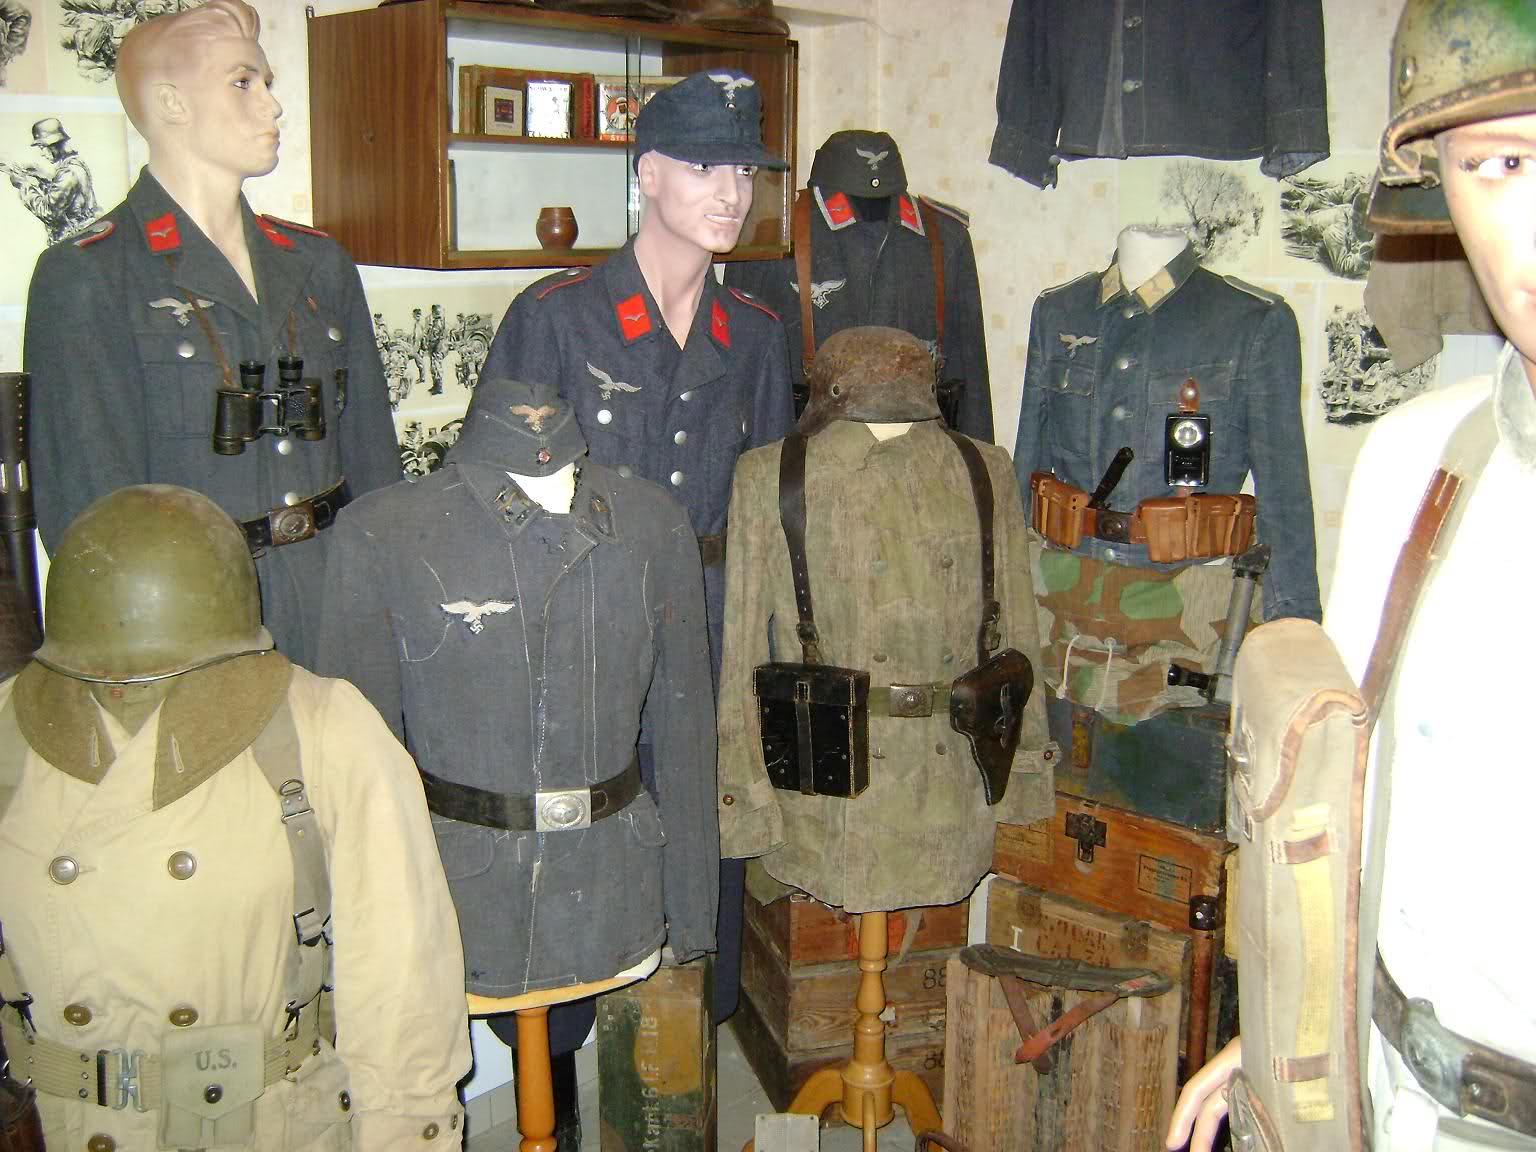 Collec de Minelab0 en allemand WW2 15y6ot1